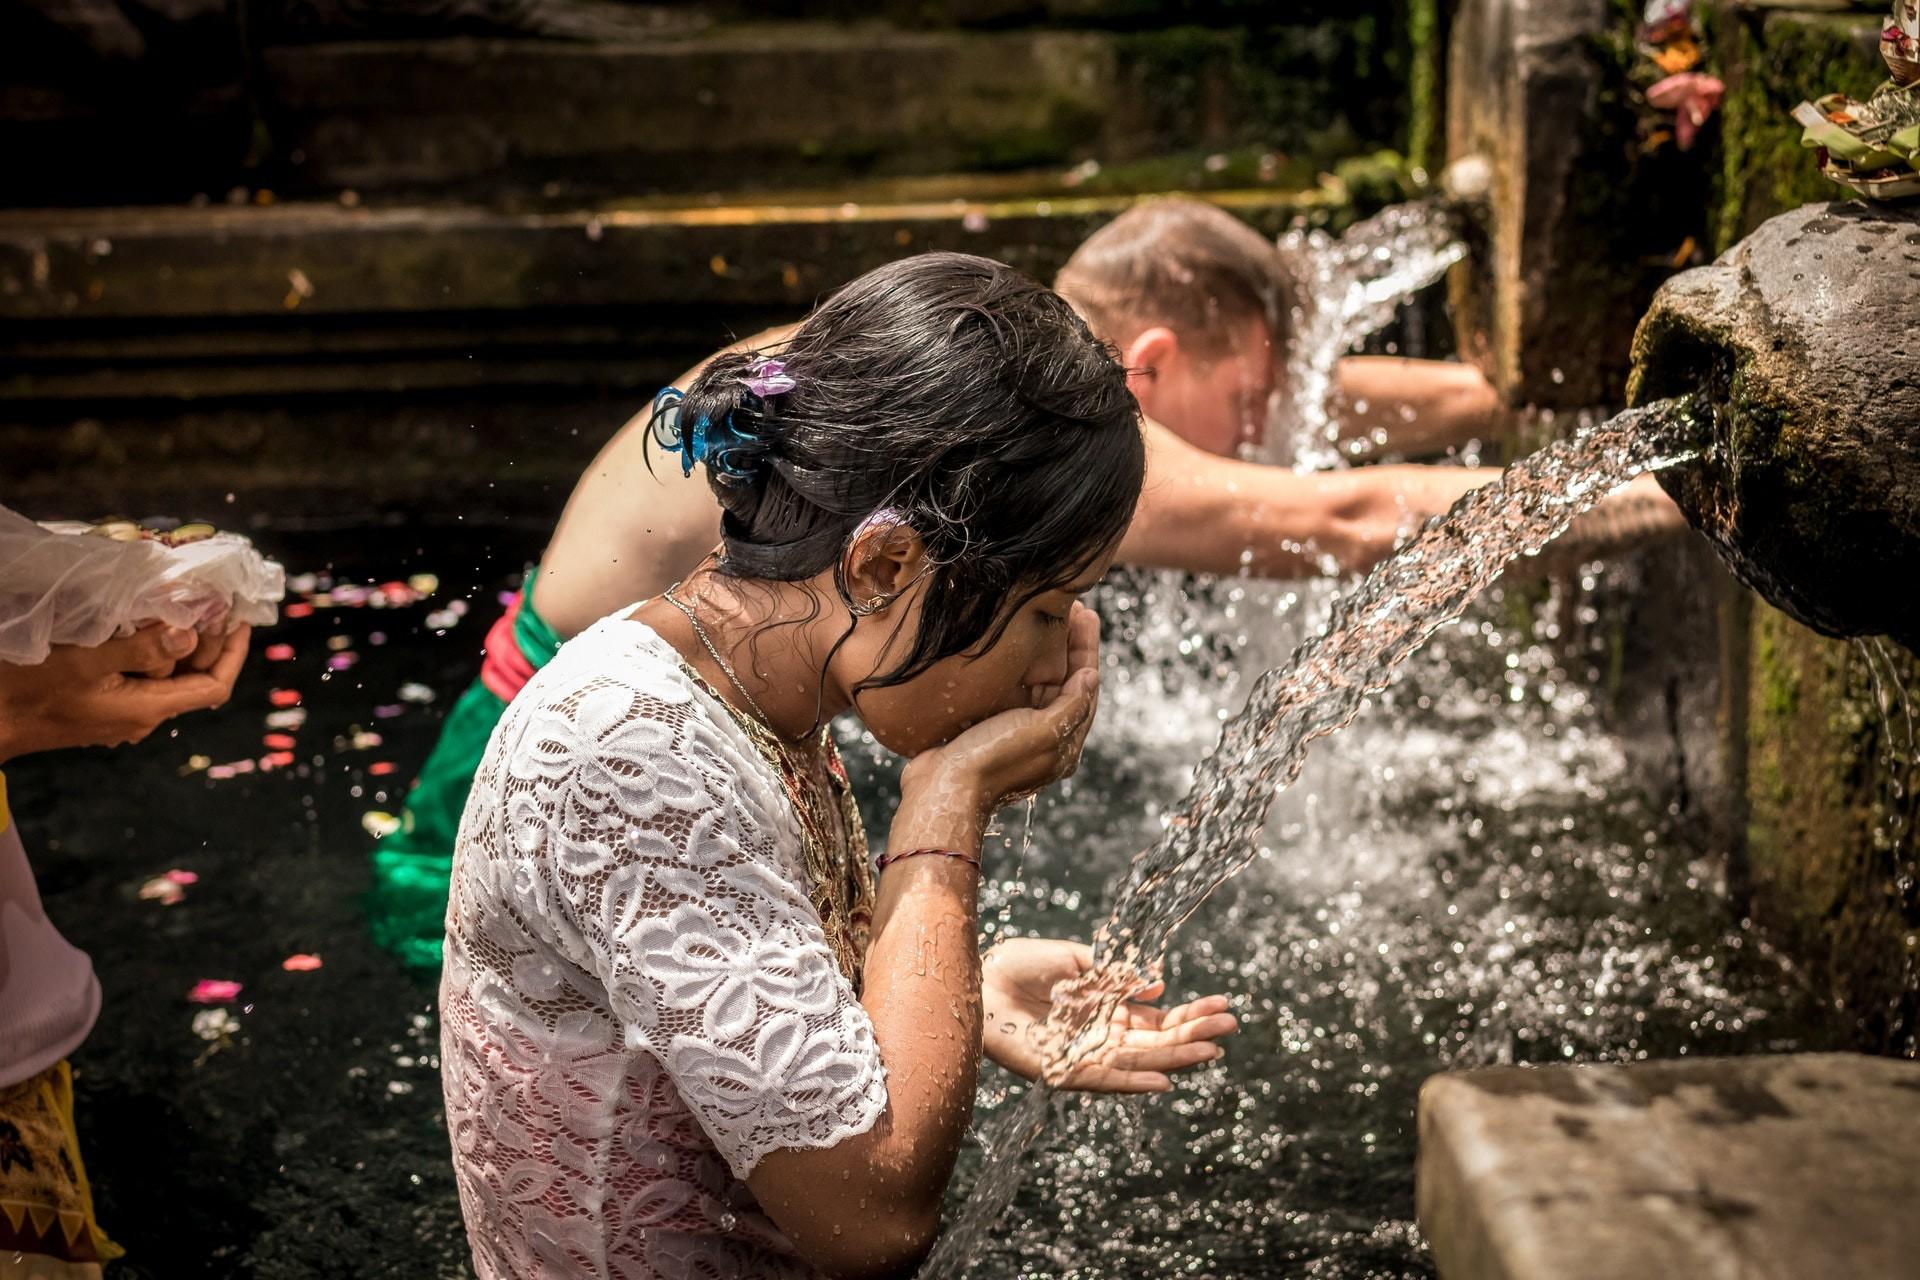 adultos beber agua potable